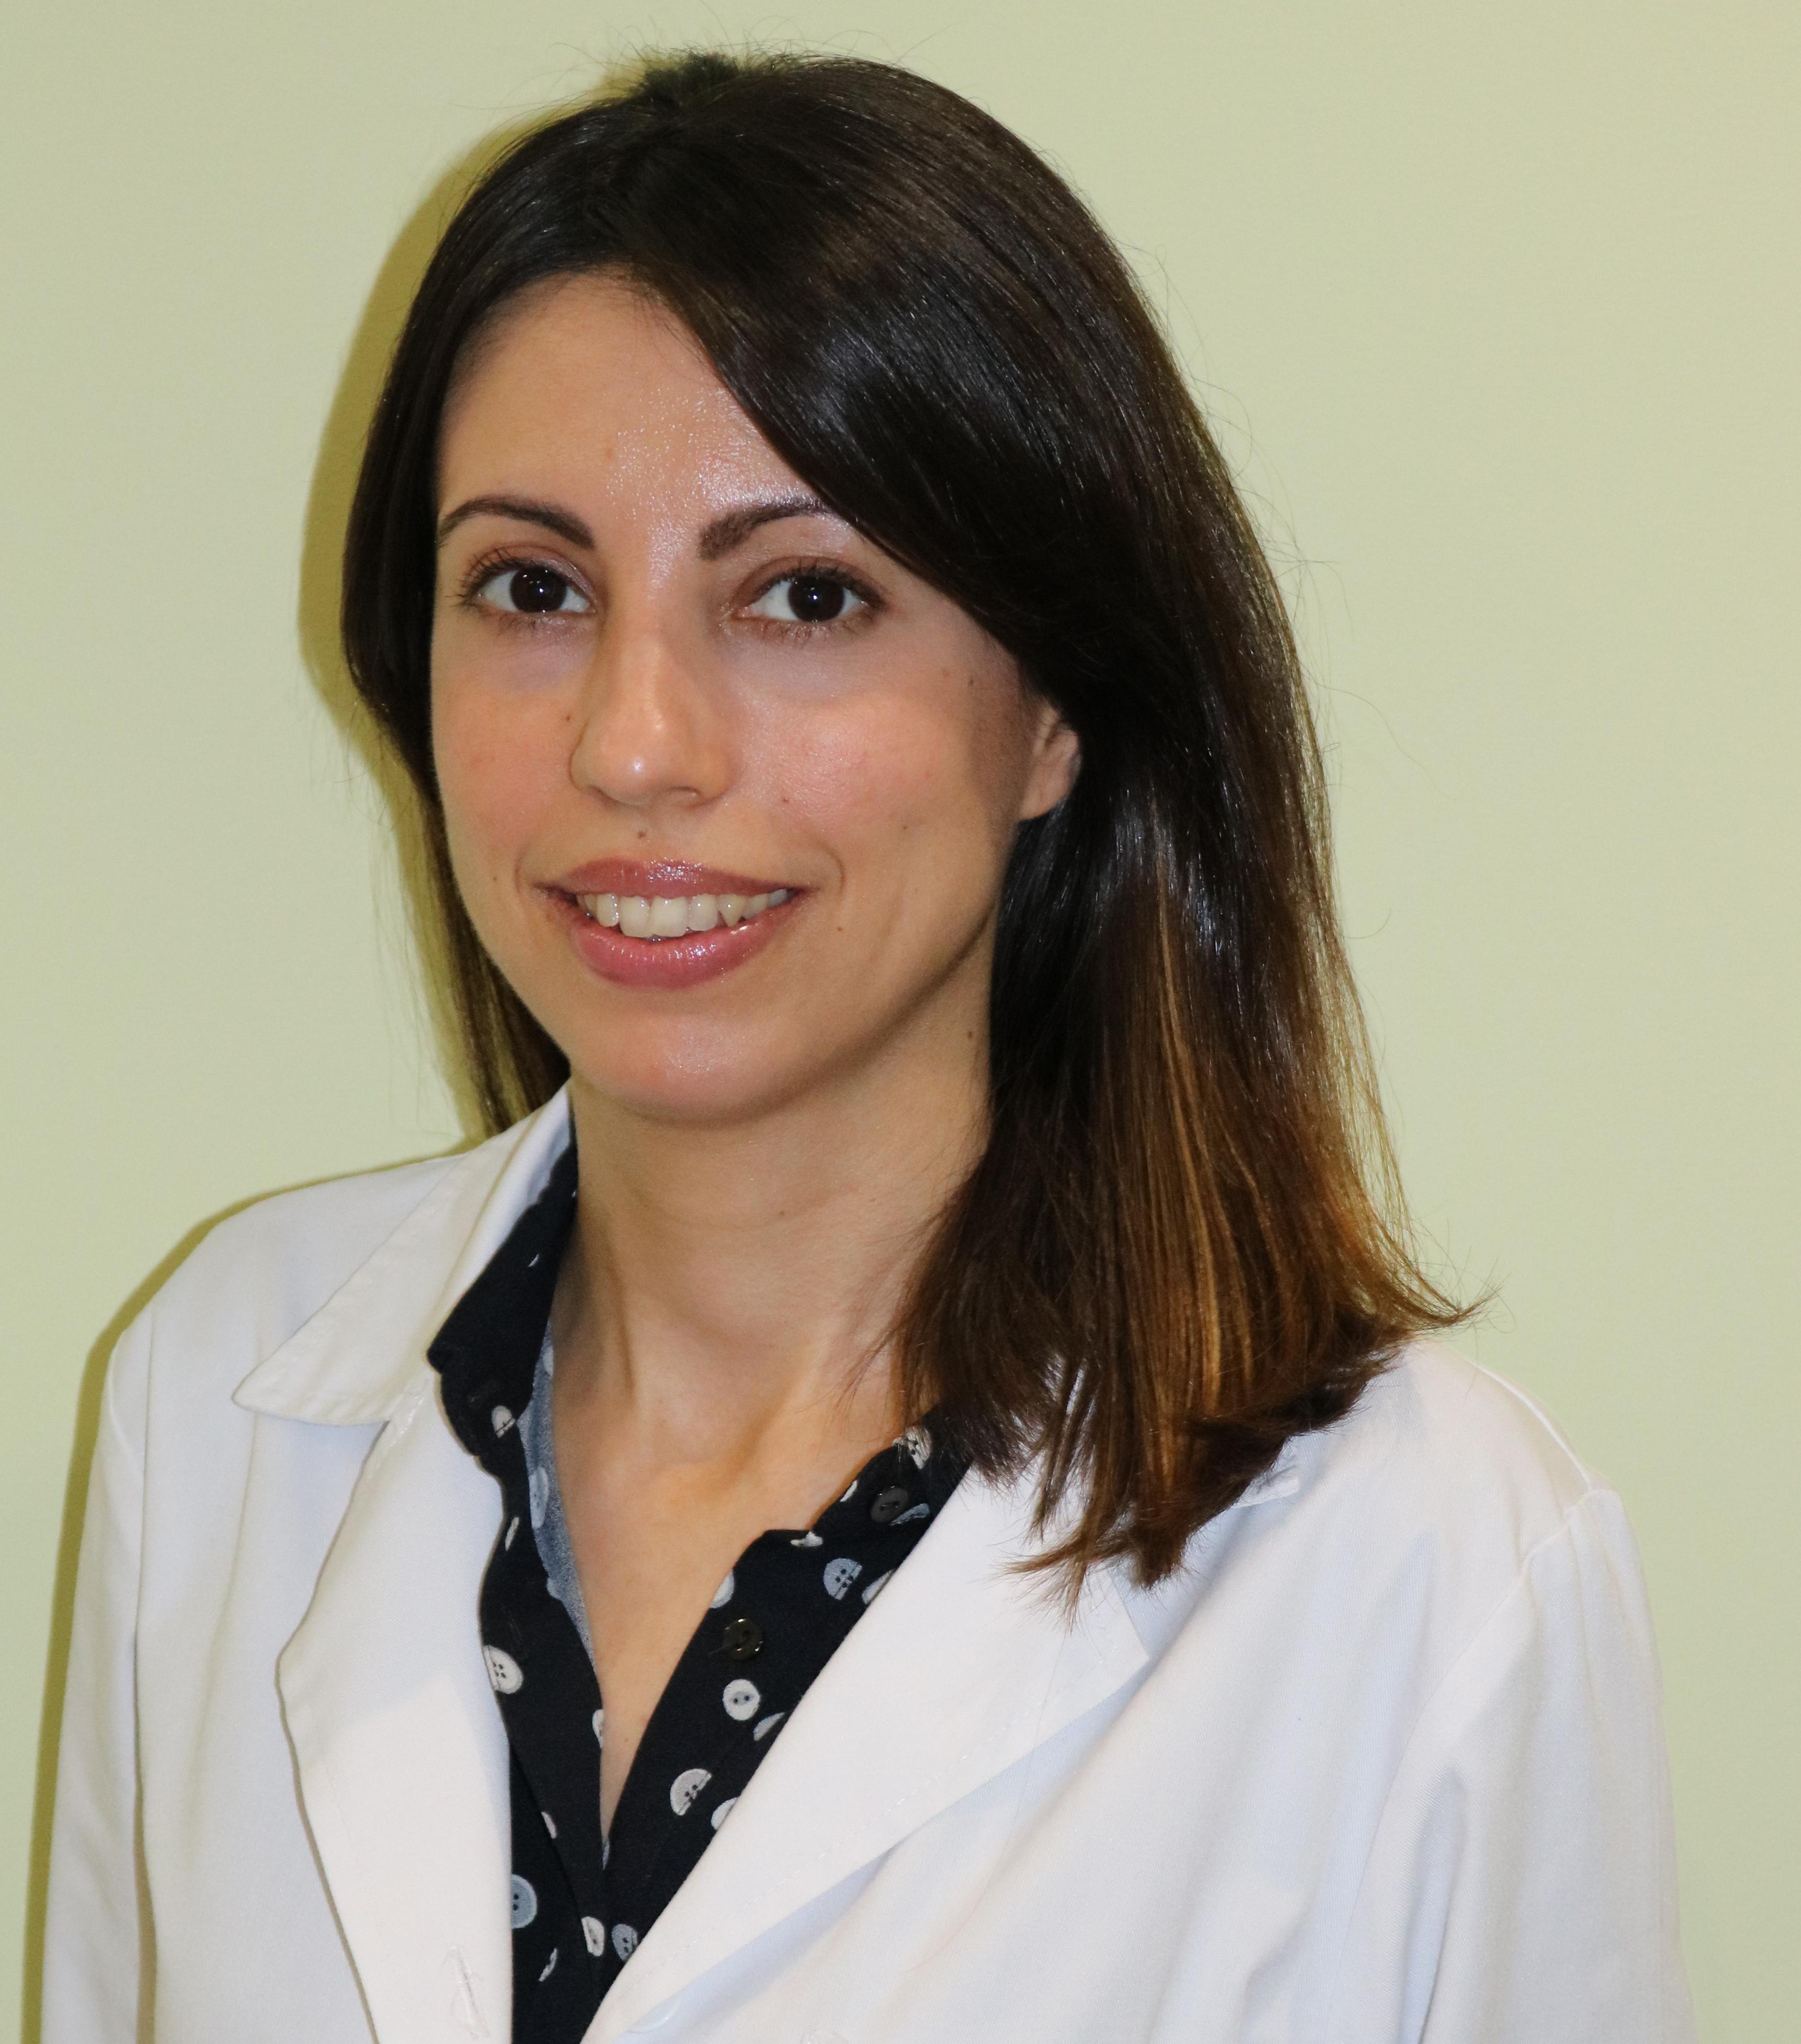 Carolina Pérez Domínguez